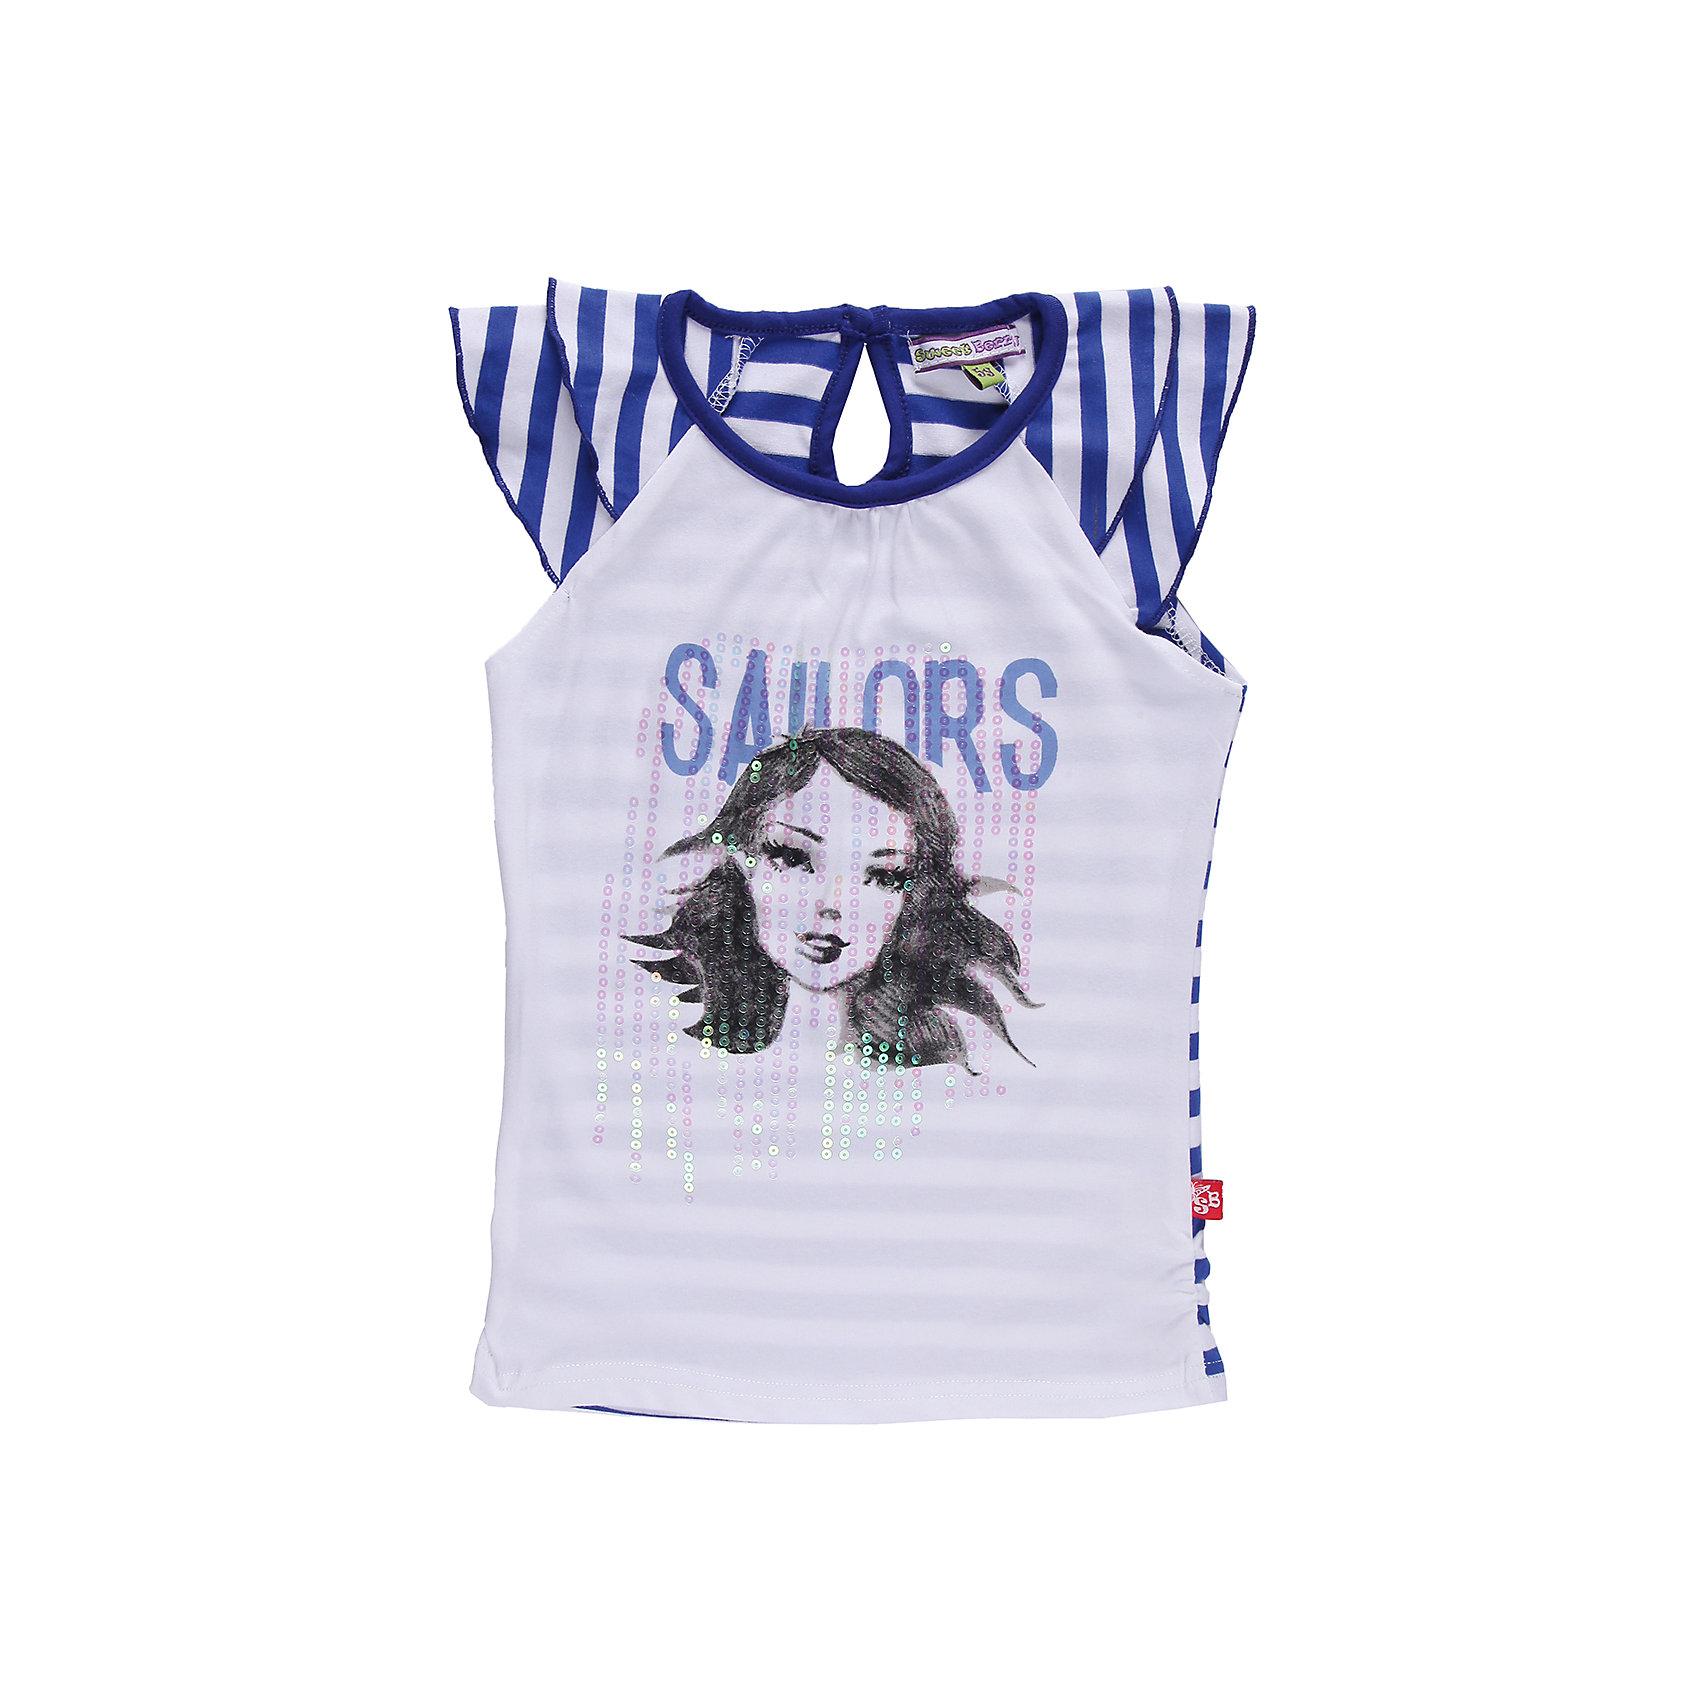 Футболка для девочки Sweet BerryФутболки, поло и топы<br>Удобная сине-белая футболка приталенного силуэта для девочки. Принт на груди изображает девочку. Рукава и вырез горловины декорированы тканью синего цвета в полоску.<br>Состав:<br>95% хлопок, 5% эластан<br><br>Ширина мм: 199<br>Глубина мм: 10<br>Высота мм: 161<br>Вес г: 151<br>Цвет: белый/синий<br>Возраст от месяцев: 24<br>Возраст до месяцев: 36<br>Пол: Женский<br>Возраст: Детский<br>Размер: 98,116,104,128,122,110<br>SKU: 4521007